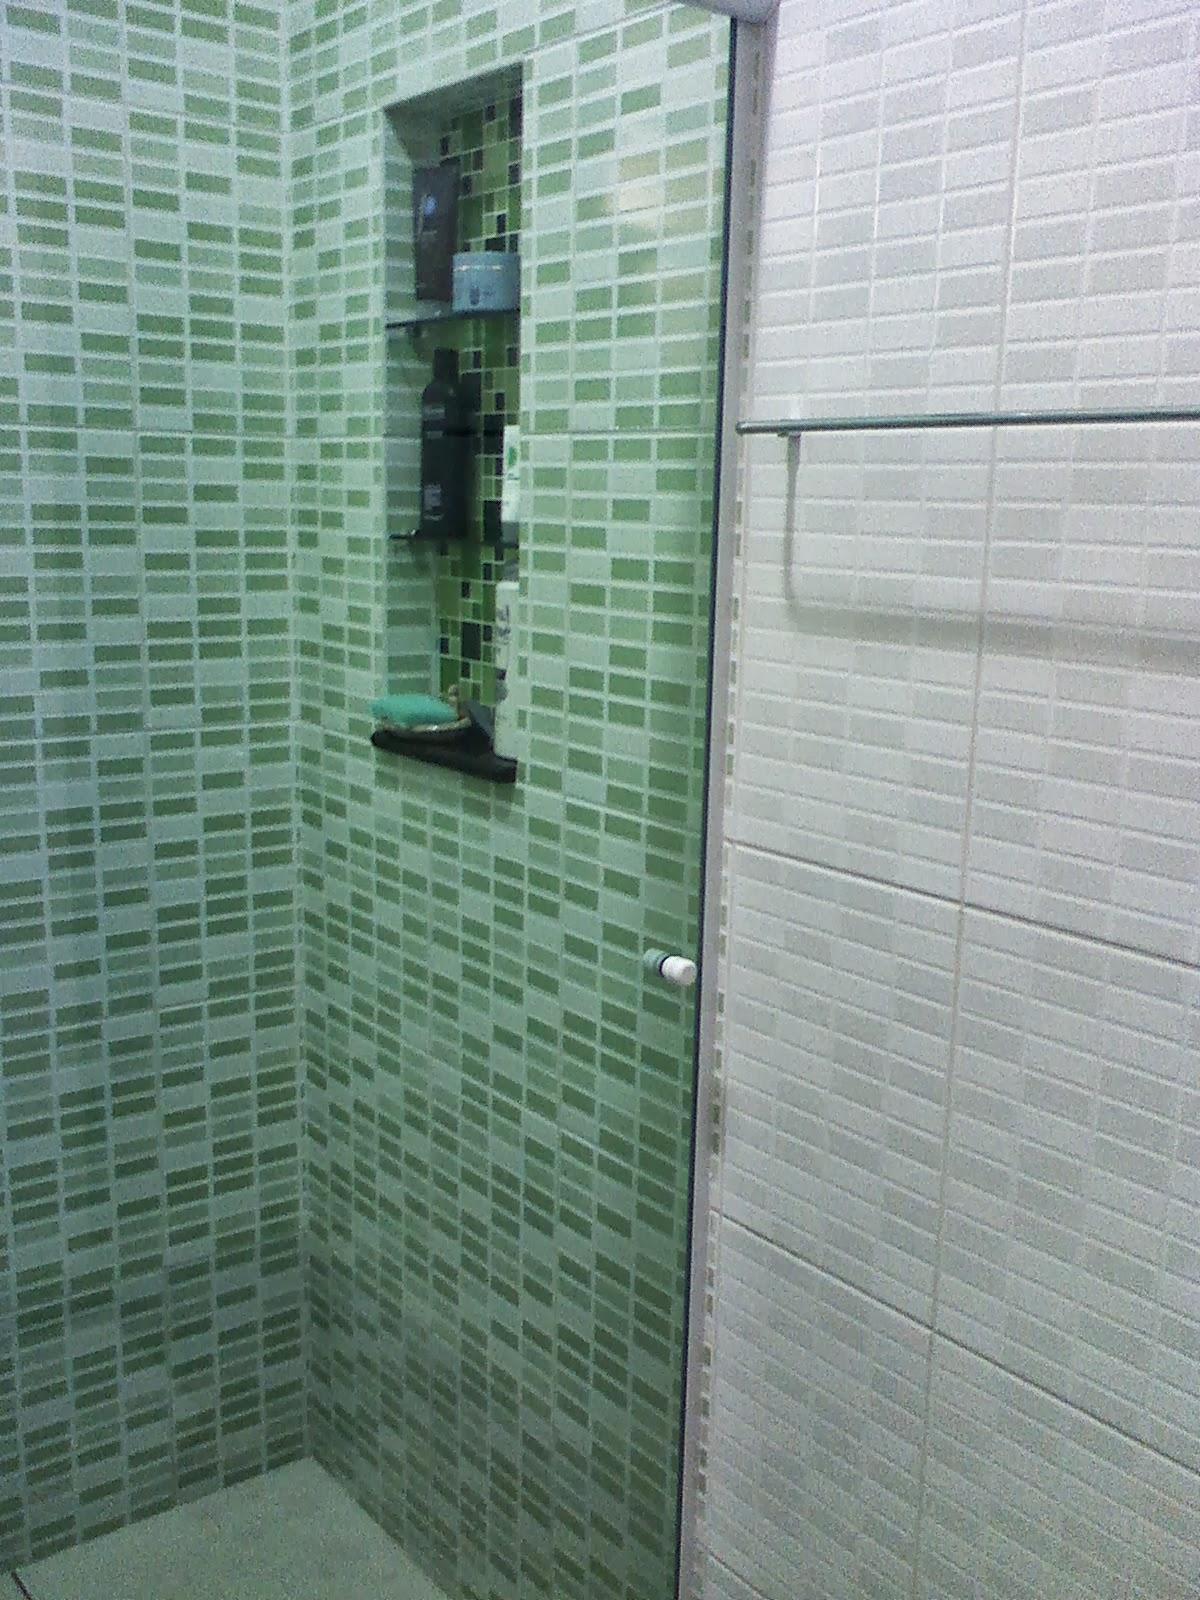 Imagens de #30453A Nossa Tão sonhada Humilde Residência : Outubro 2013 1200x1600 px 2776 Box Banheiro Nh